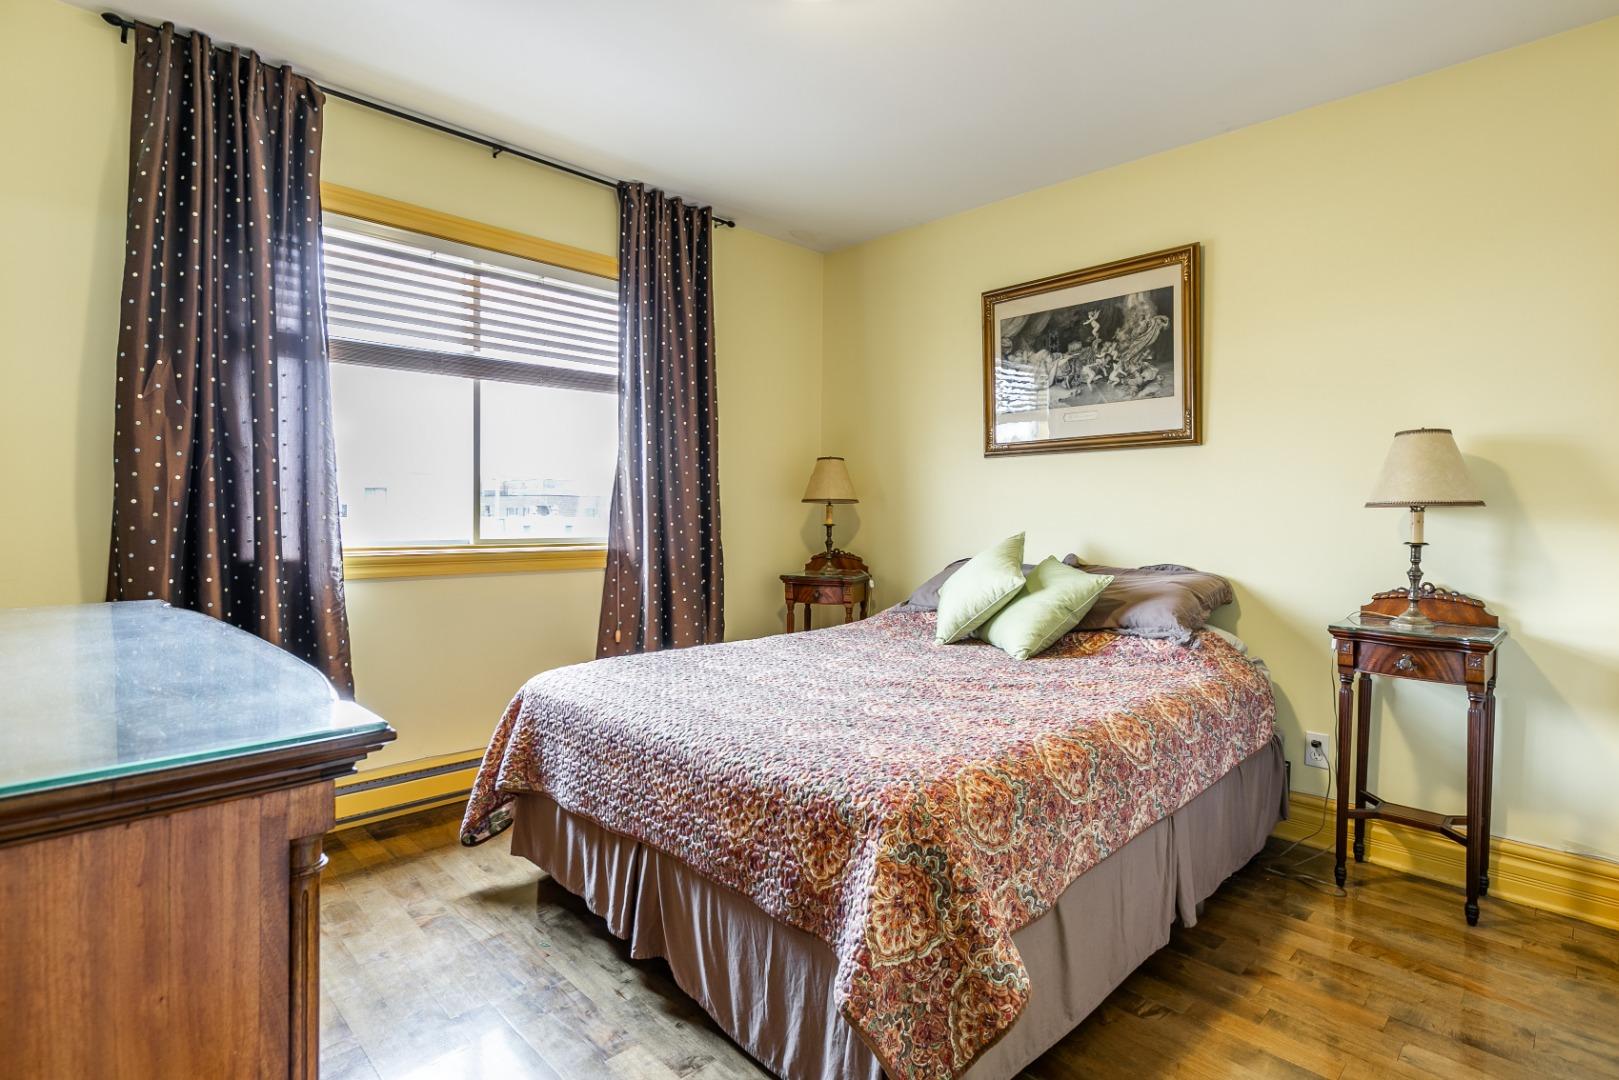 Condo à vendre Rosemont 6529 rue Cartier Montréal-17.jpg